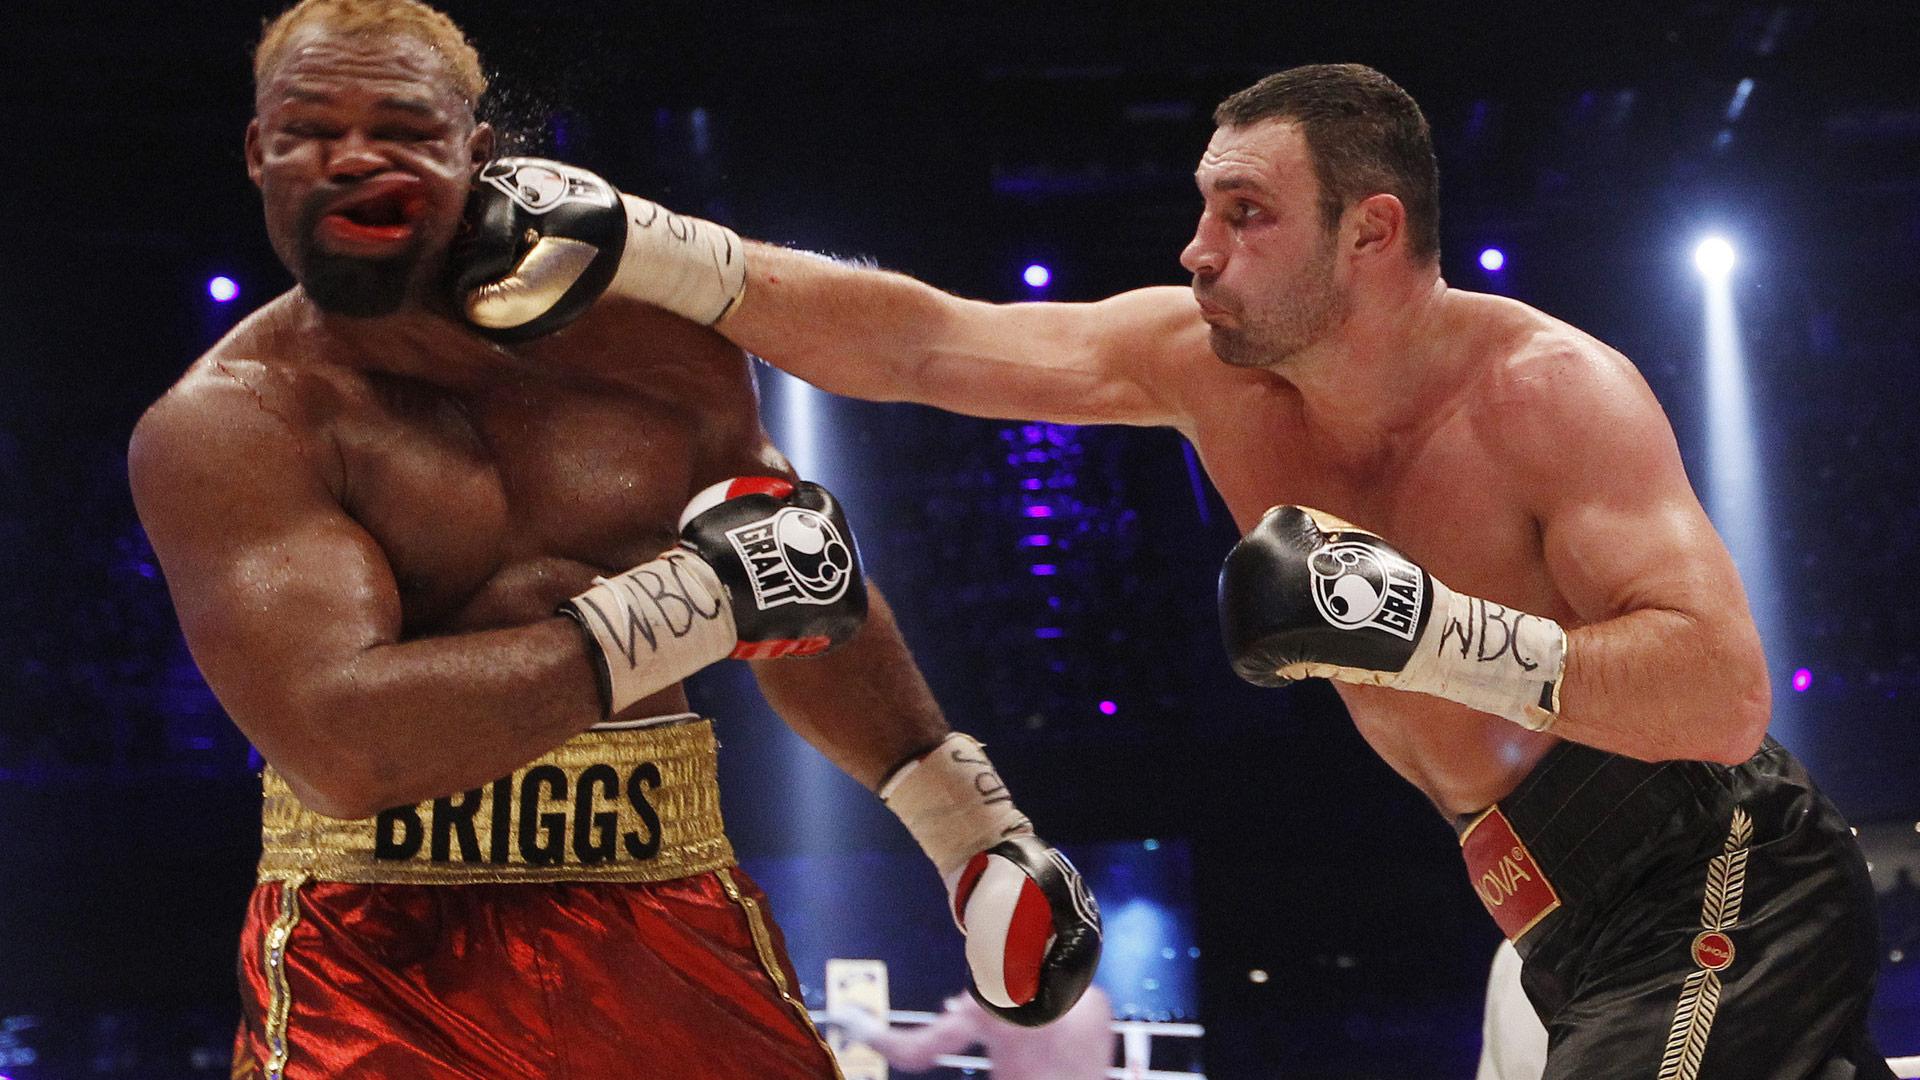 Удар сильнейший удар боксера в голову